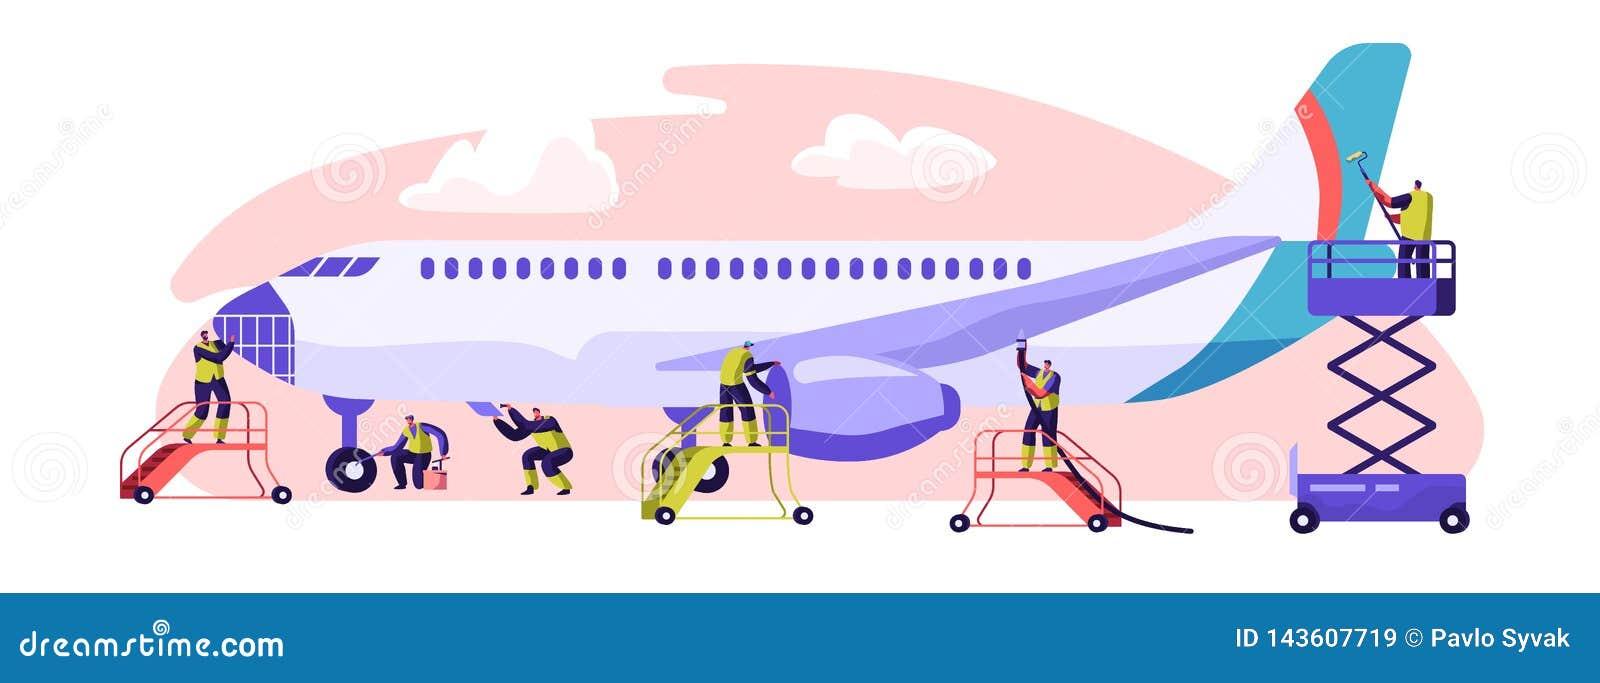 Bandeira plana do serviço Manutenção, inspeção e reparo de aviões Desempenho da tarefa exigido para assegurar a navegabilidade de